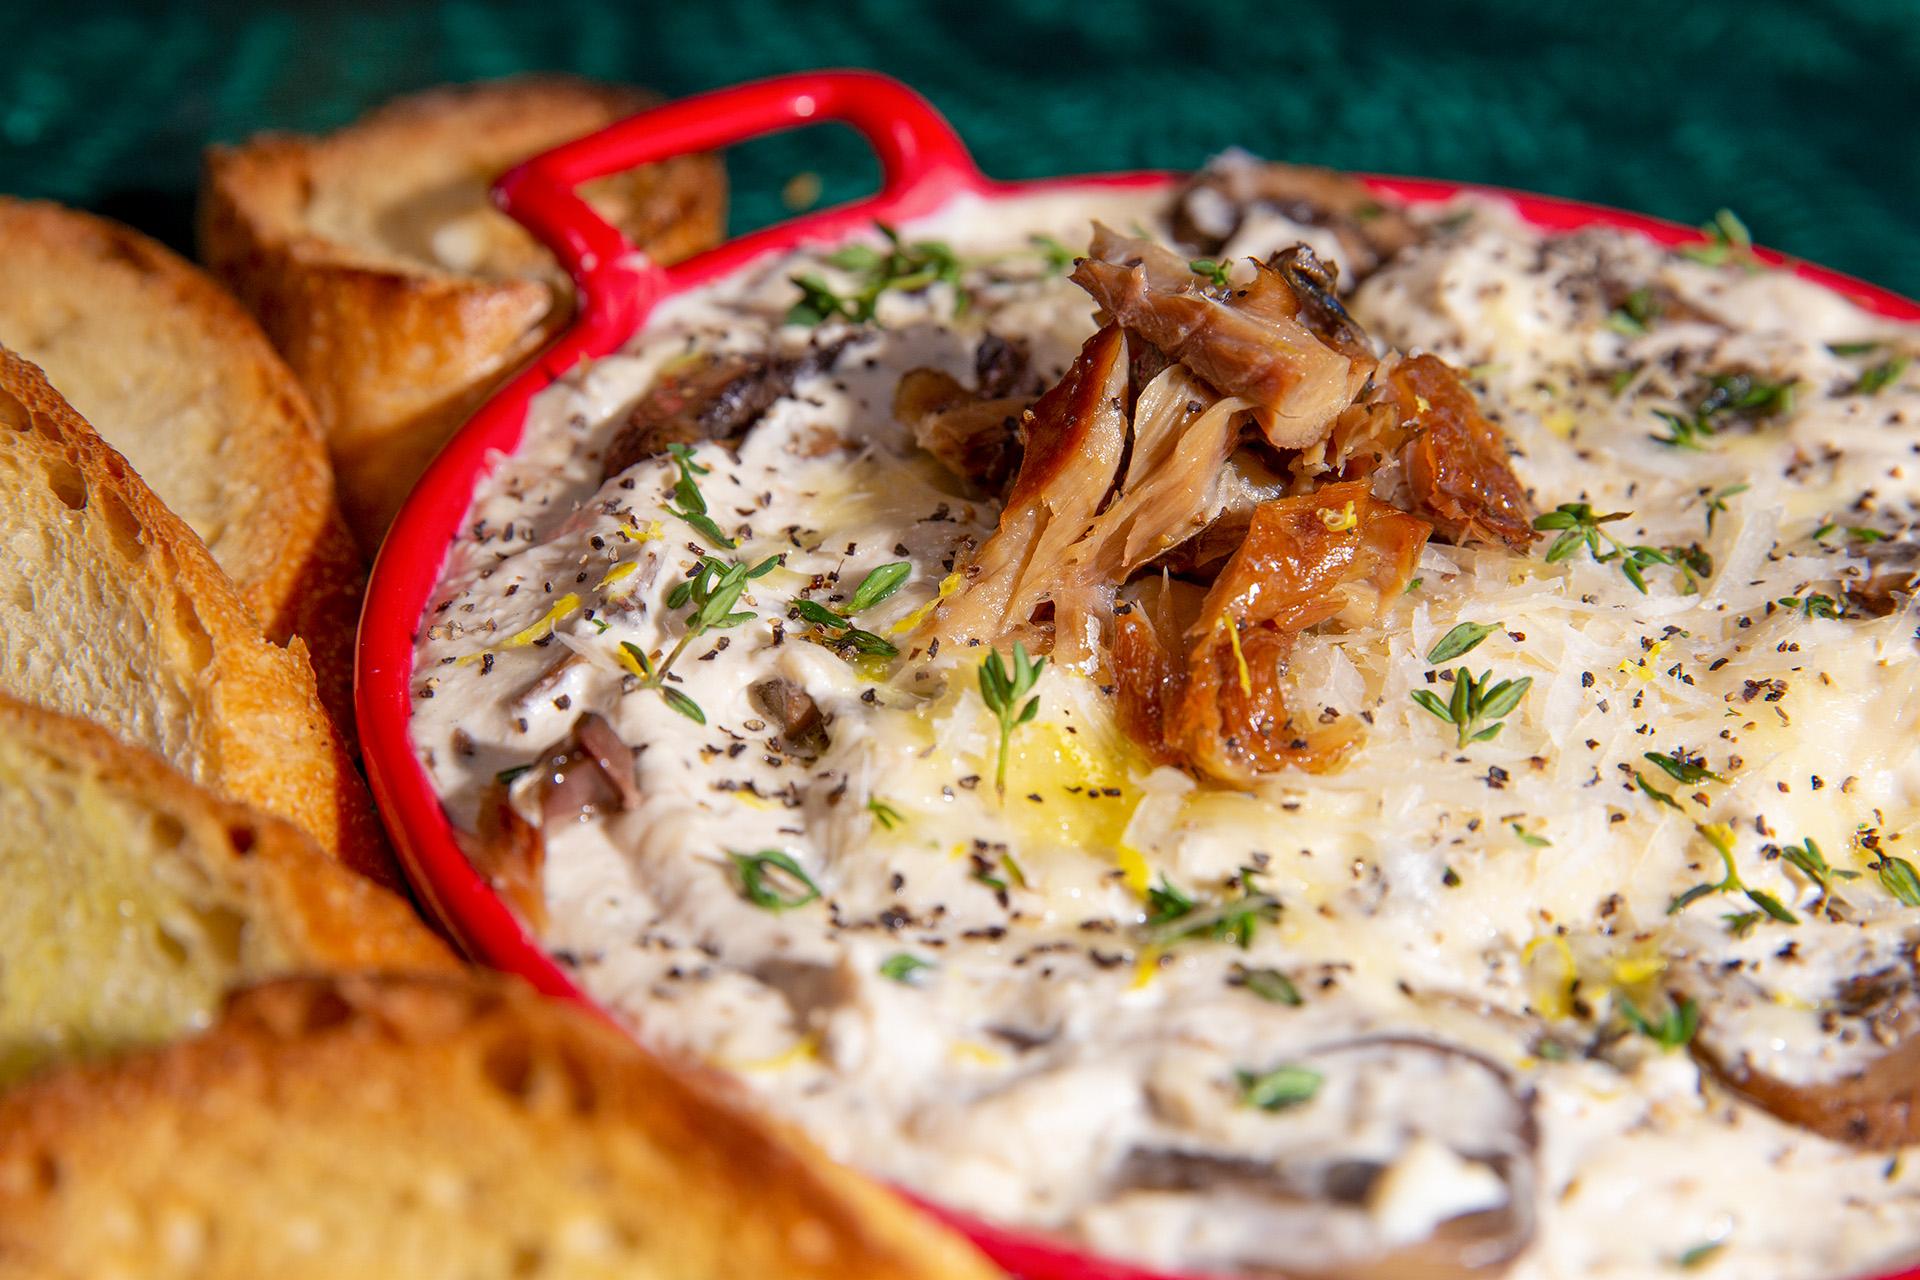 Smoked Mackerel & Mushroom Dip